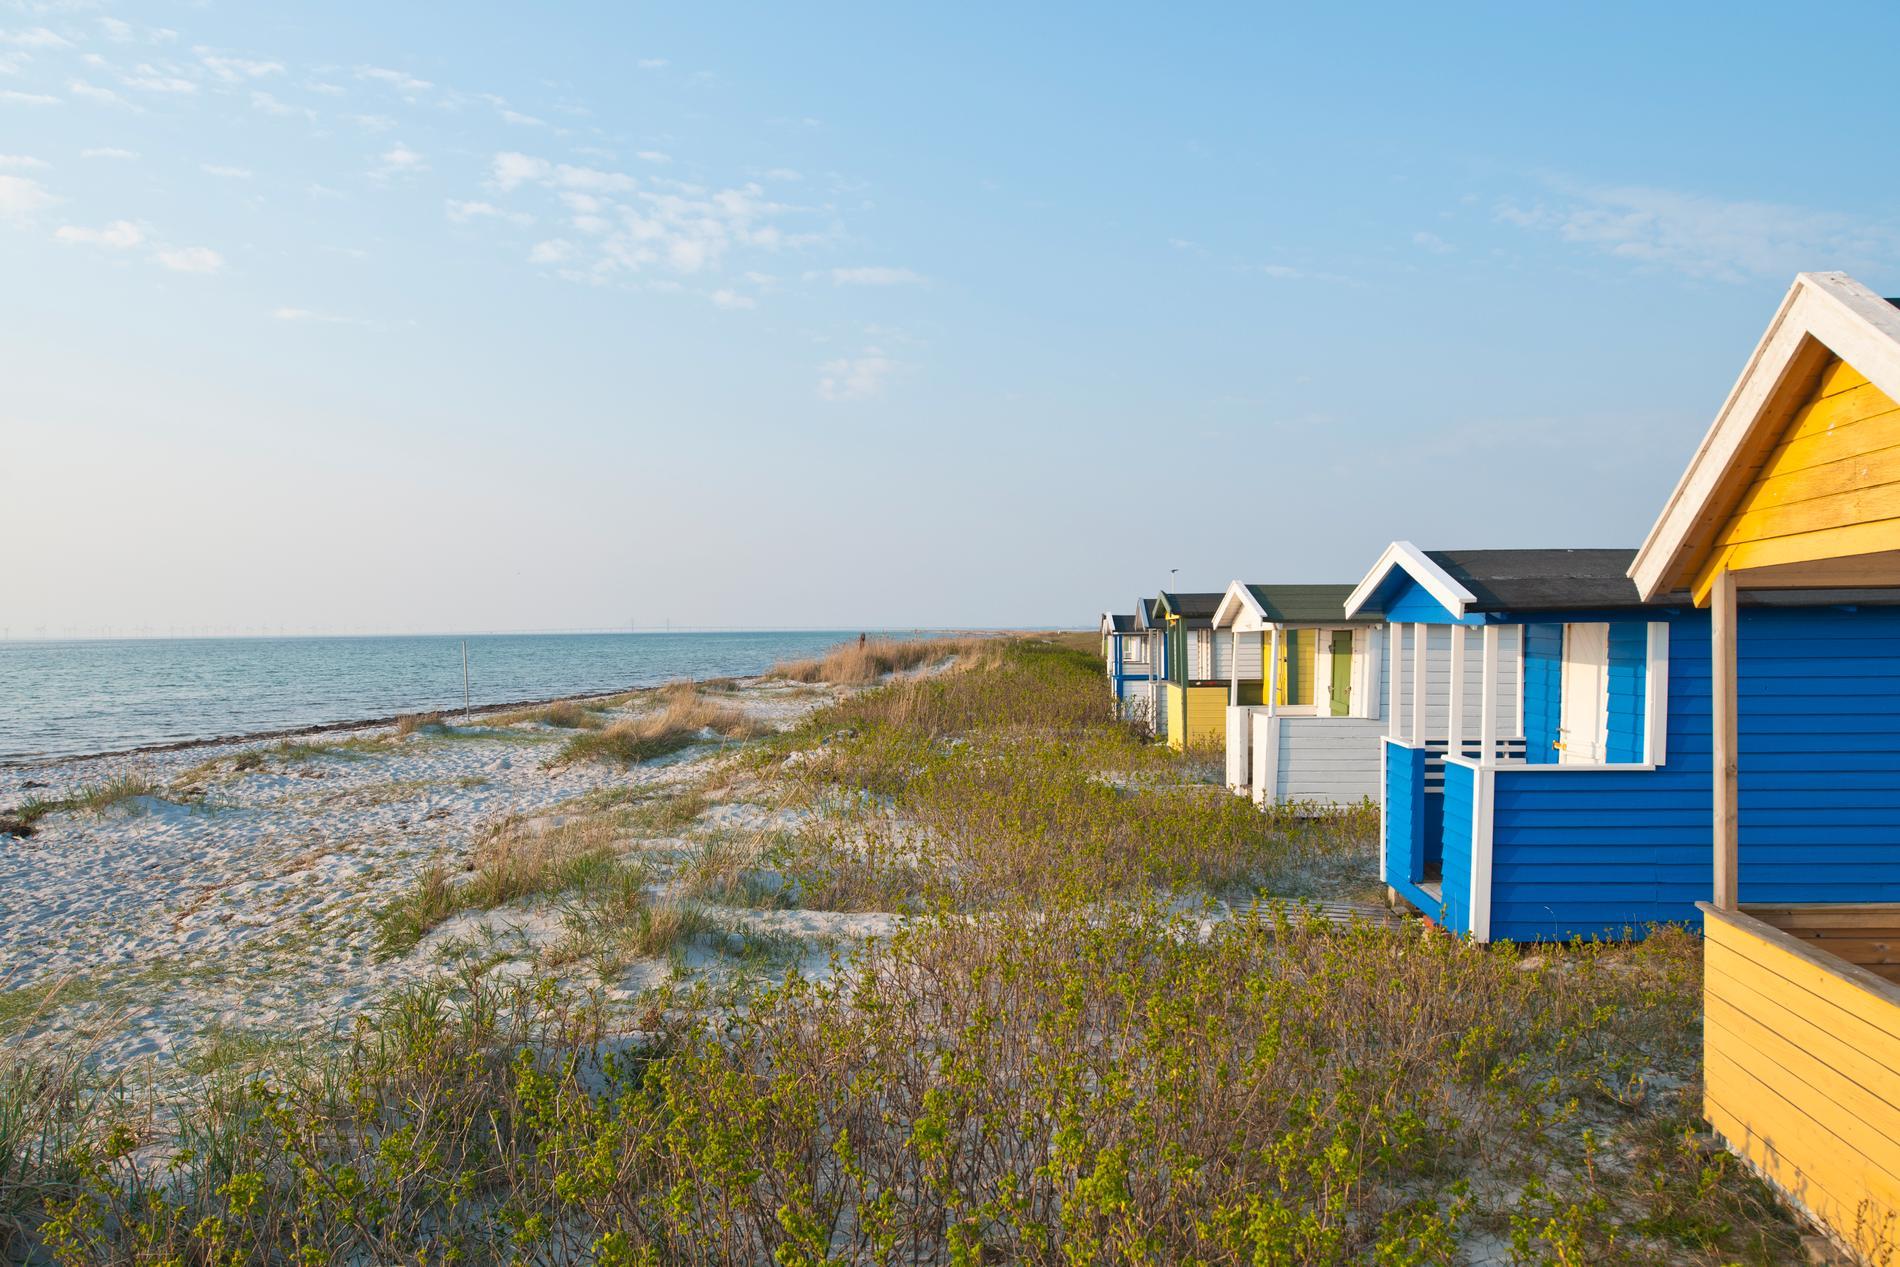 Stranden i Skanör med färgglada badhytter.